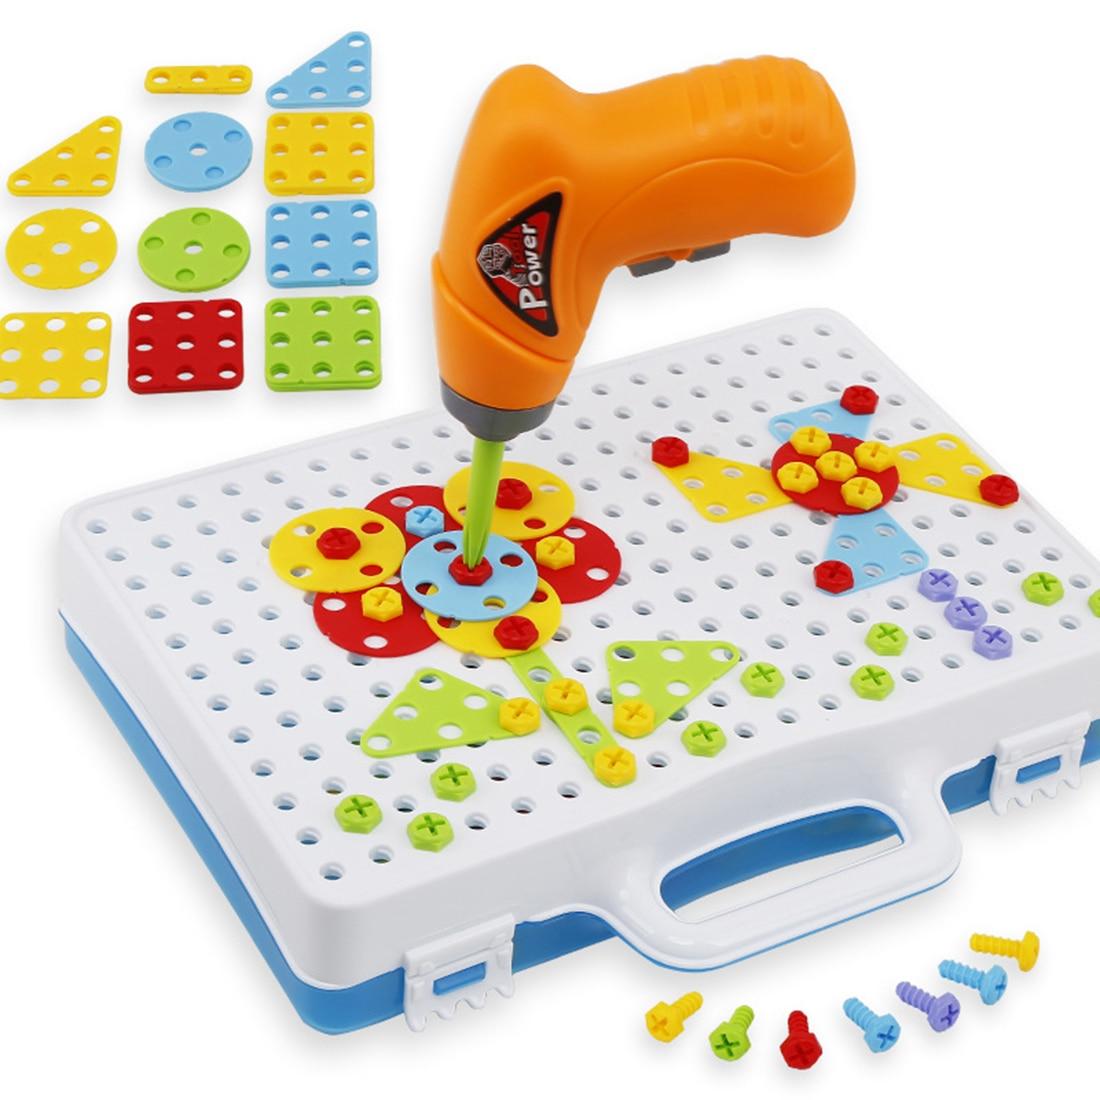 Детский развивающий конструктор Create and Play в Кызылорде